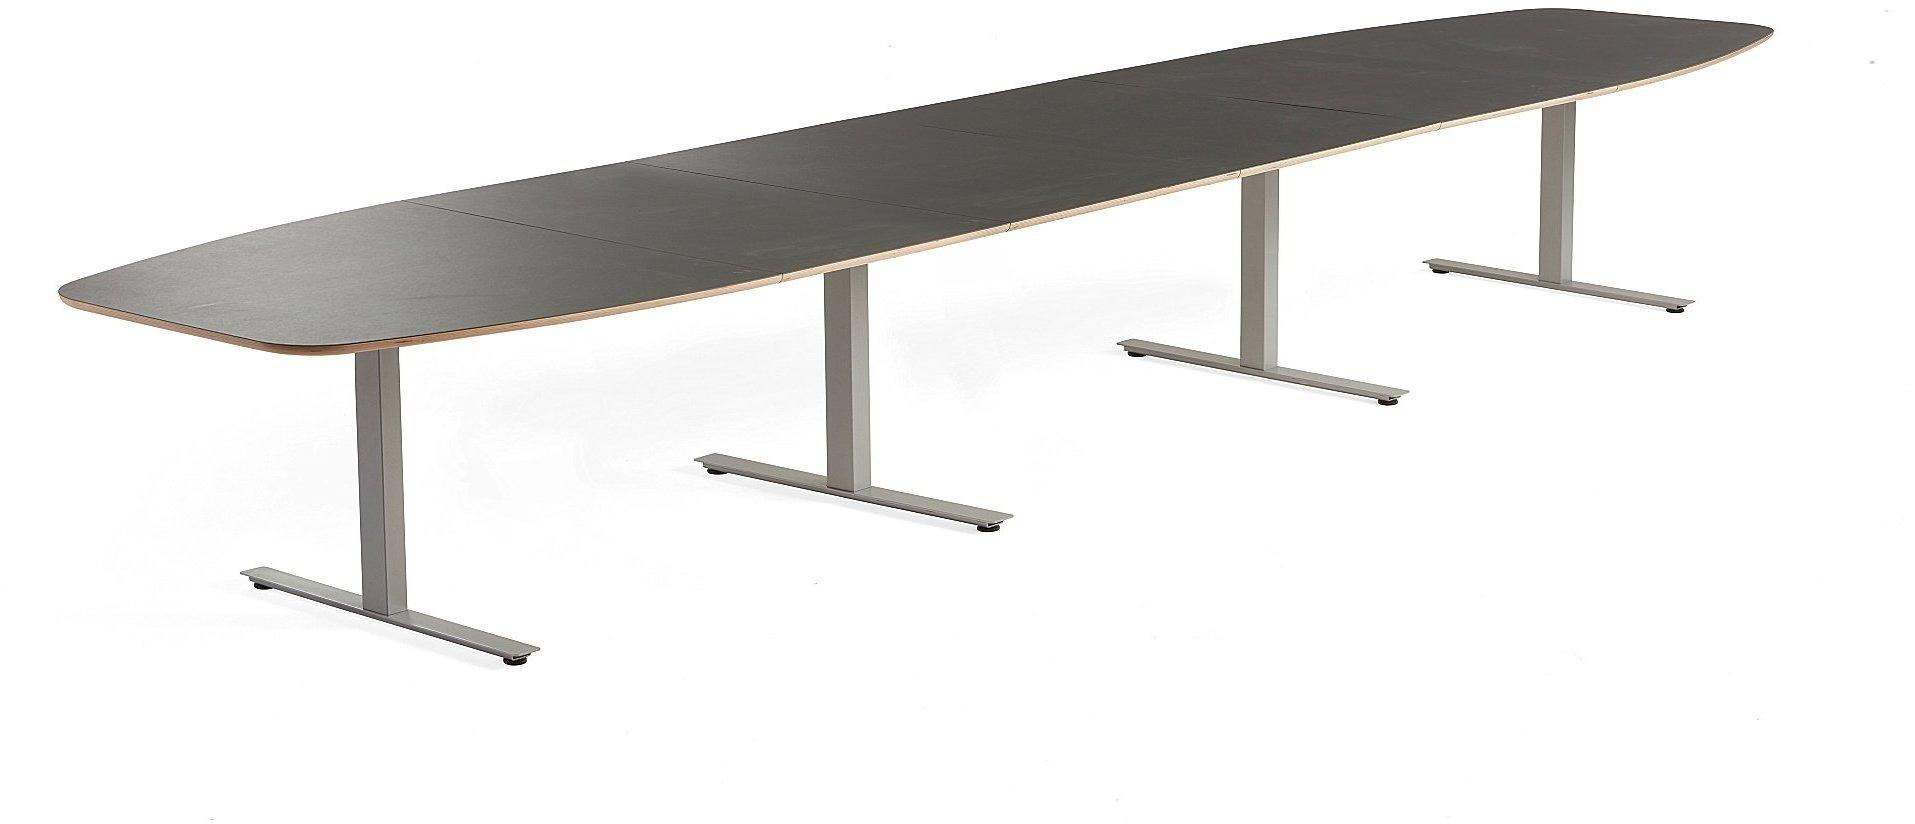 Rokovací stôl Audrey, 5600x1200 mm, strieborný podstavec, tmavošedá doska